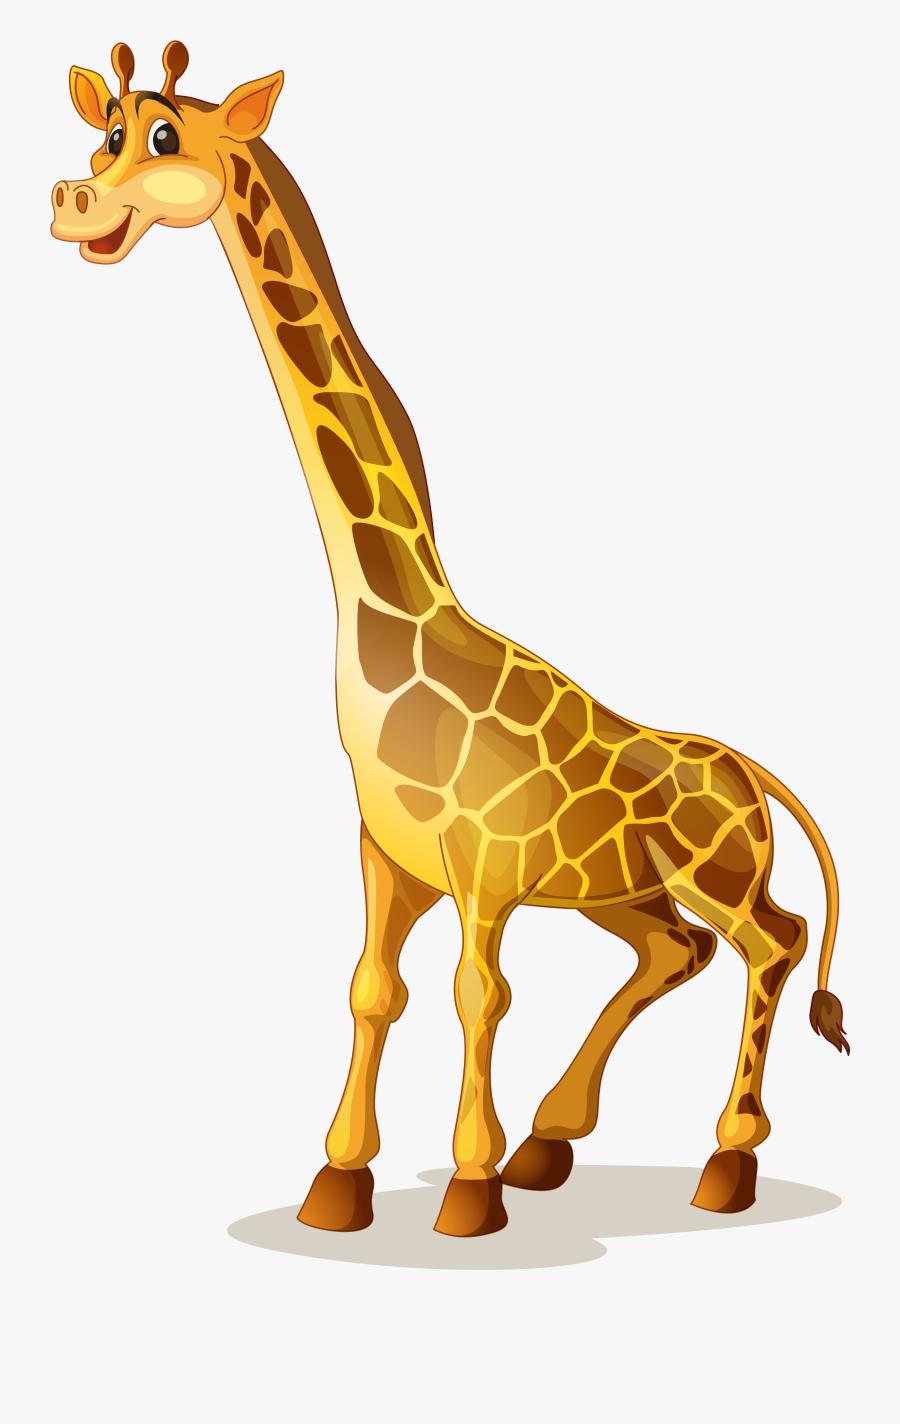 Giraffe Images Clipart - Giraffe Cliparts, Transparent Clipart